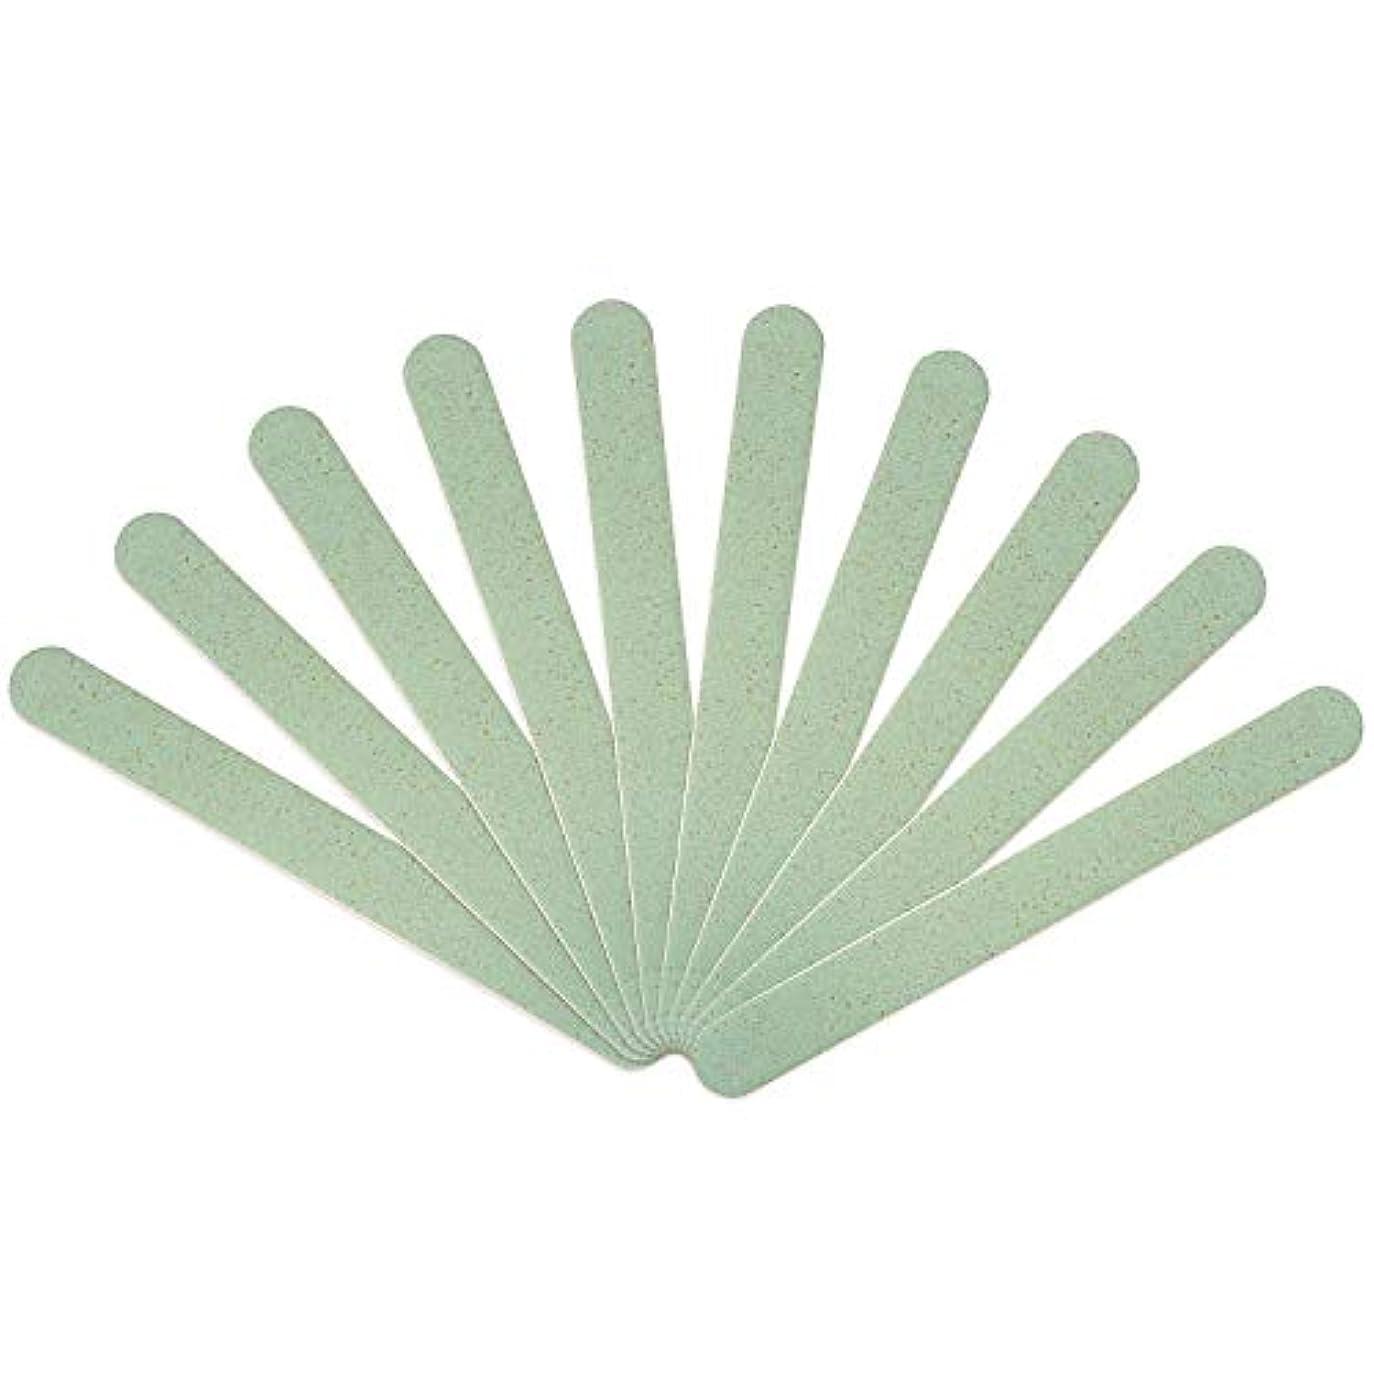 ハンマー技術的な乳製品CIPOWバッファー 爪やすり 爪 磨き ネイルシャイナー 10本入バッファー400/6000グリット ネイルをつやつやに スポンジファイル ソフトファイル ネイルポリッシュファイル